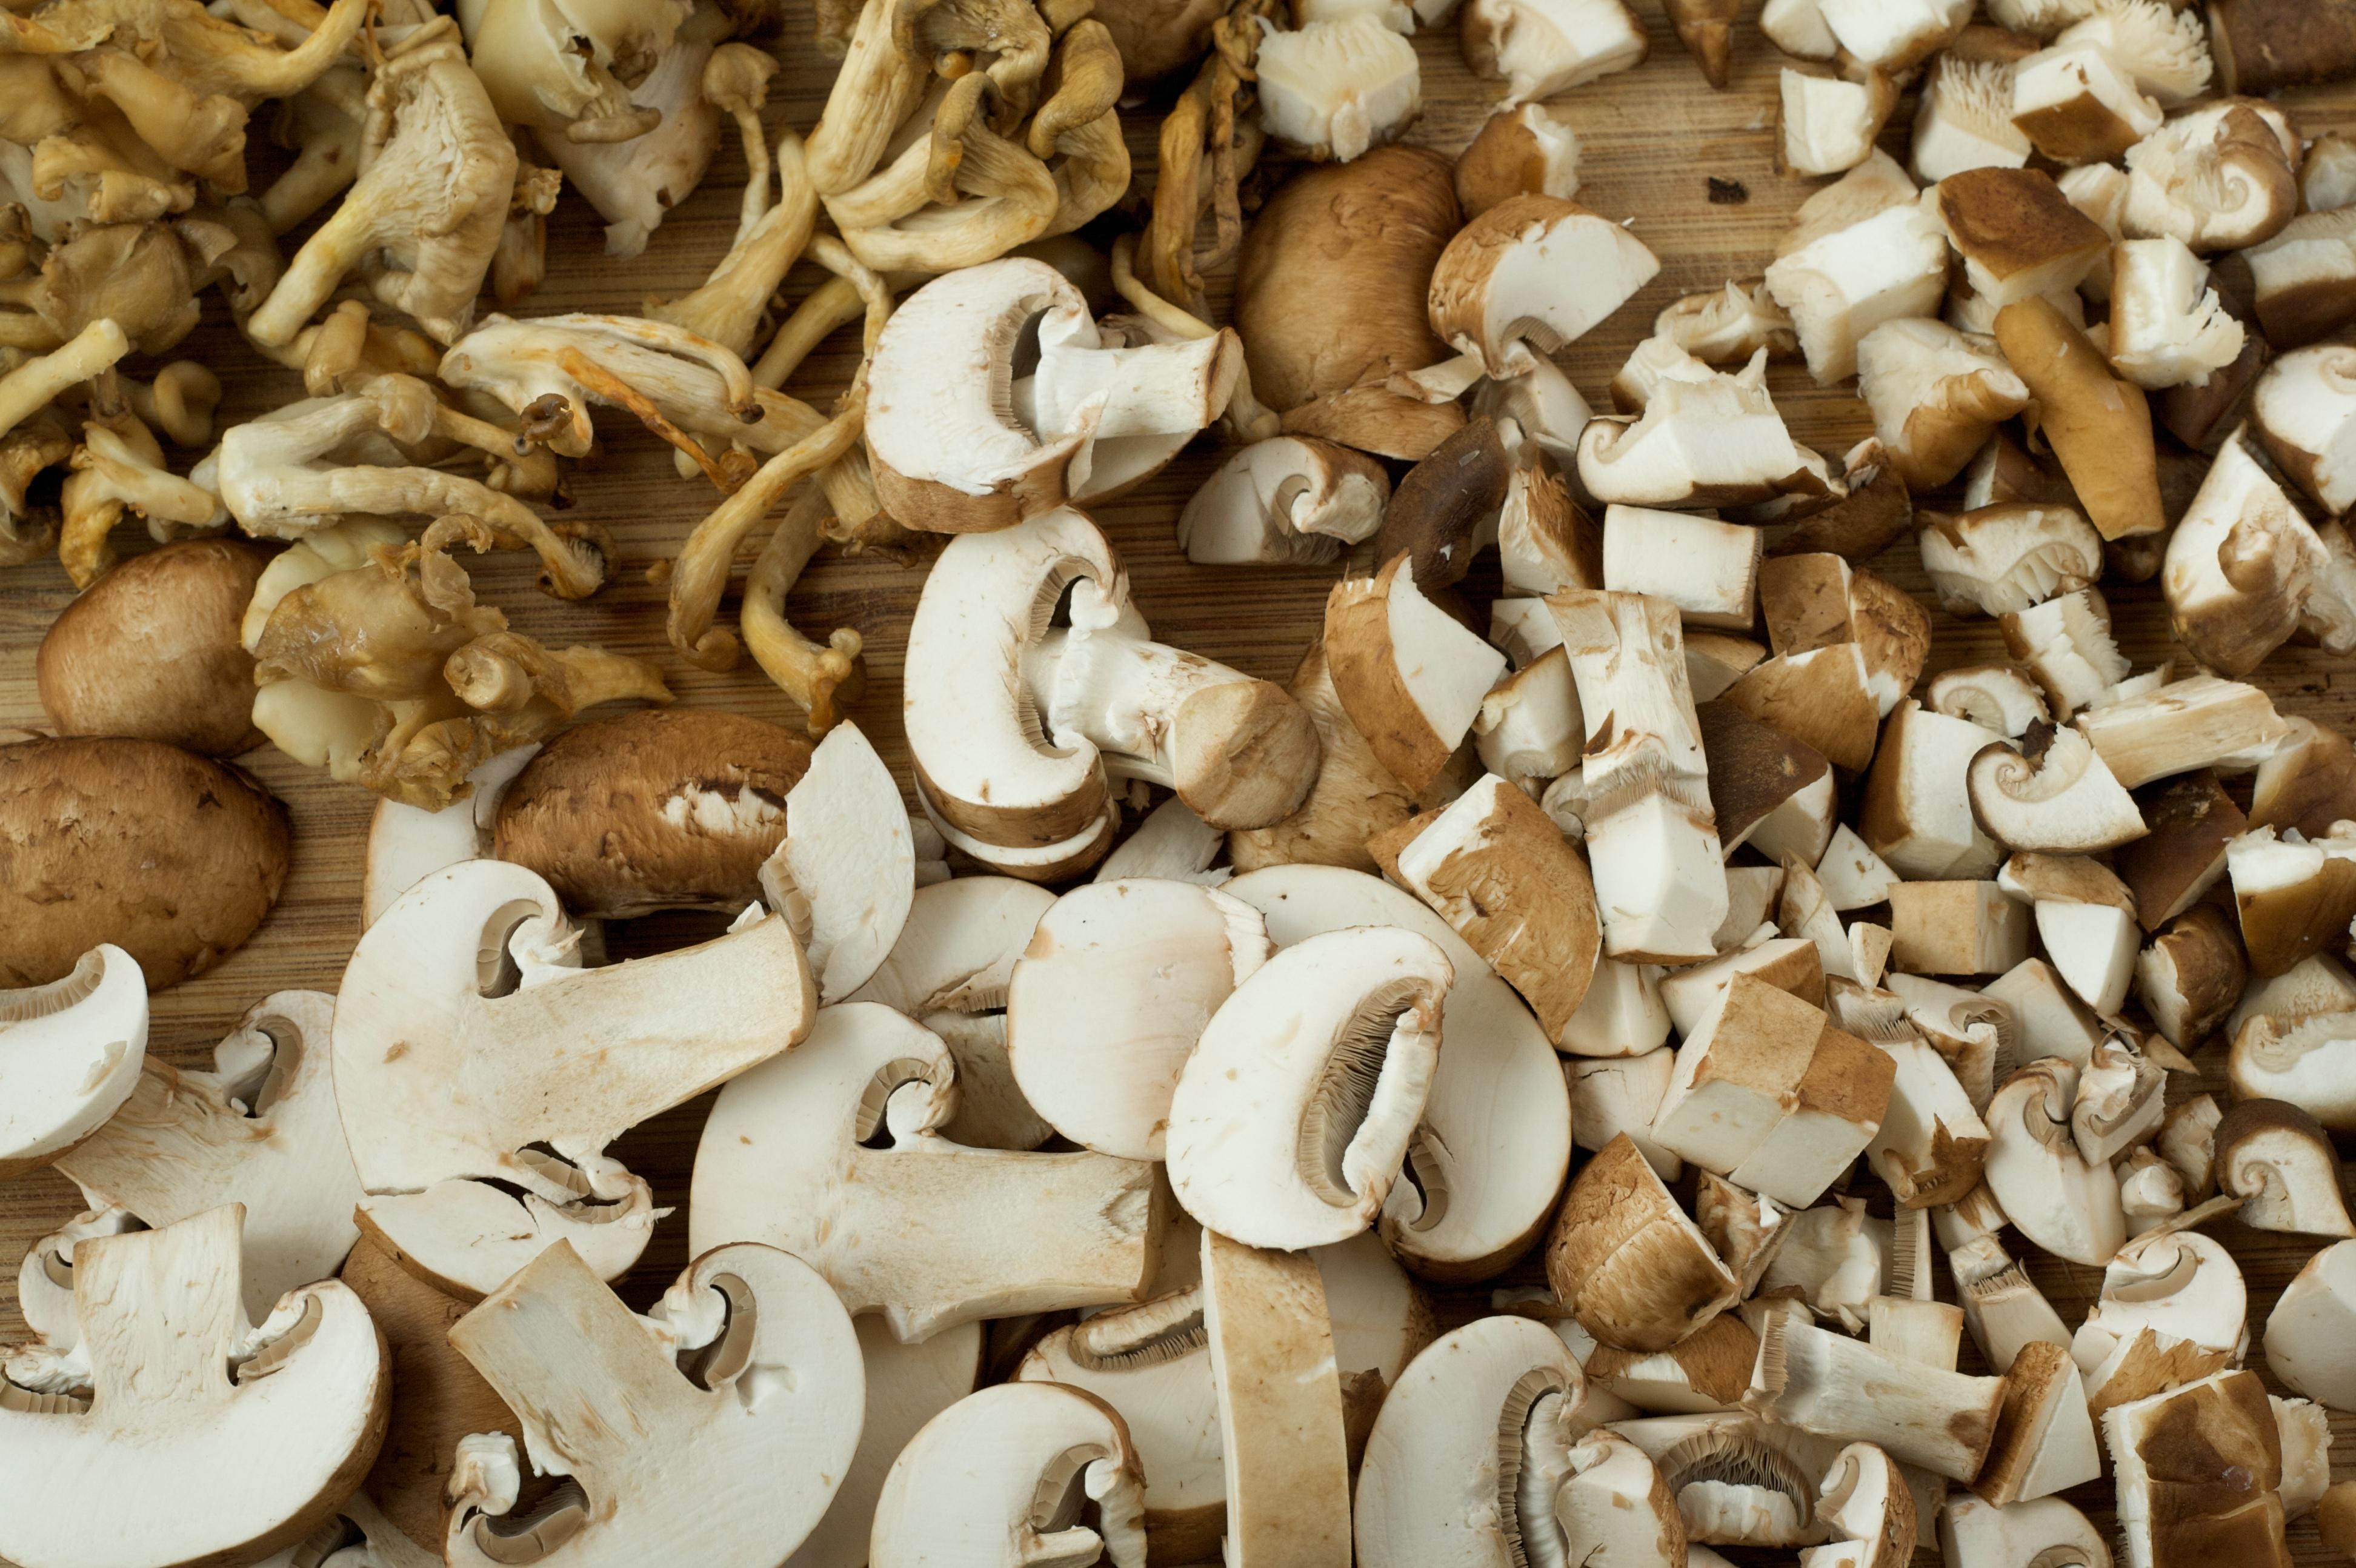 mushroom chowder broccoli mushroom chowder crab and mushroom chowder ...